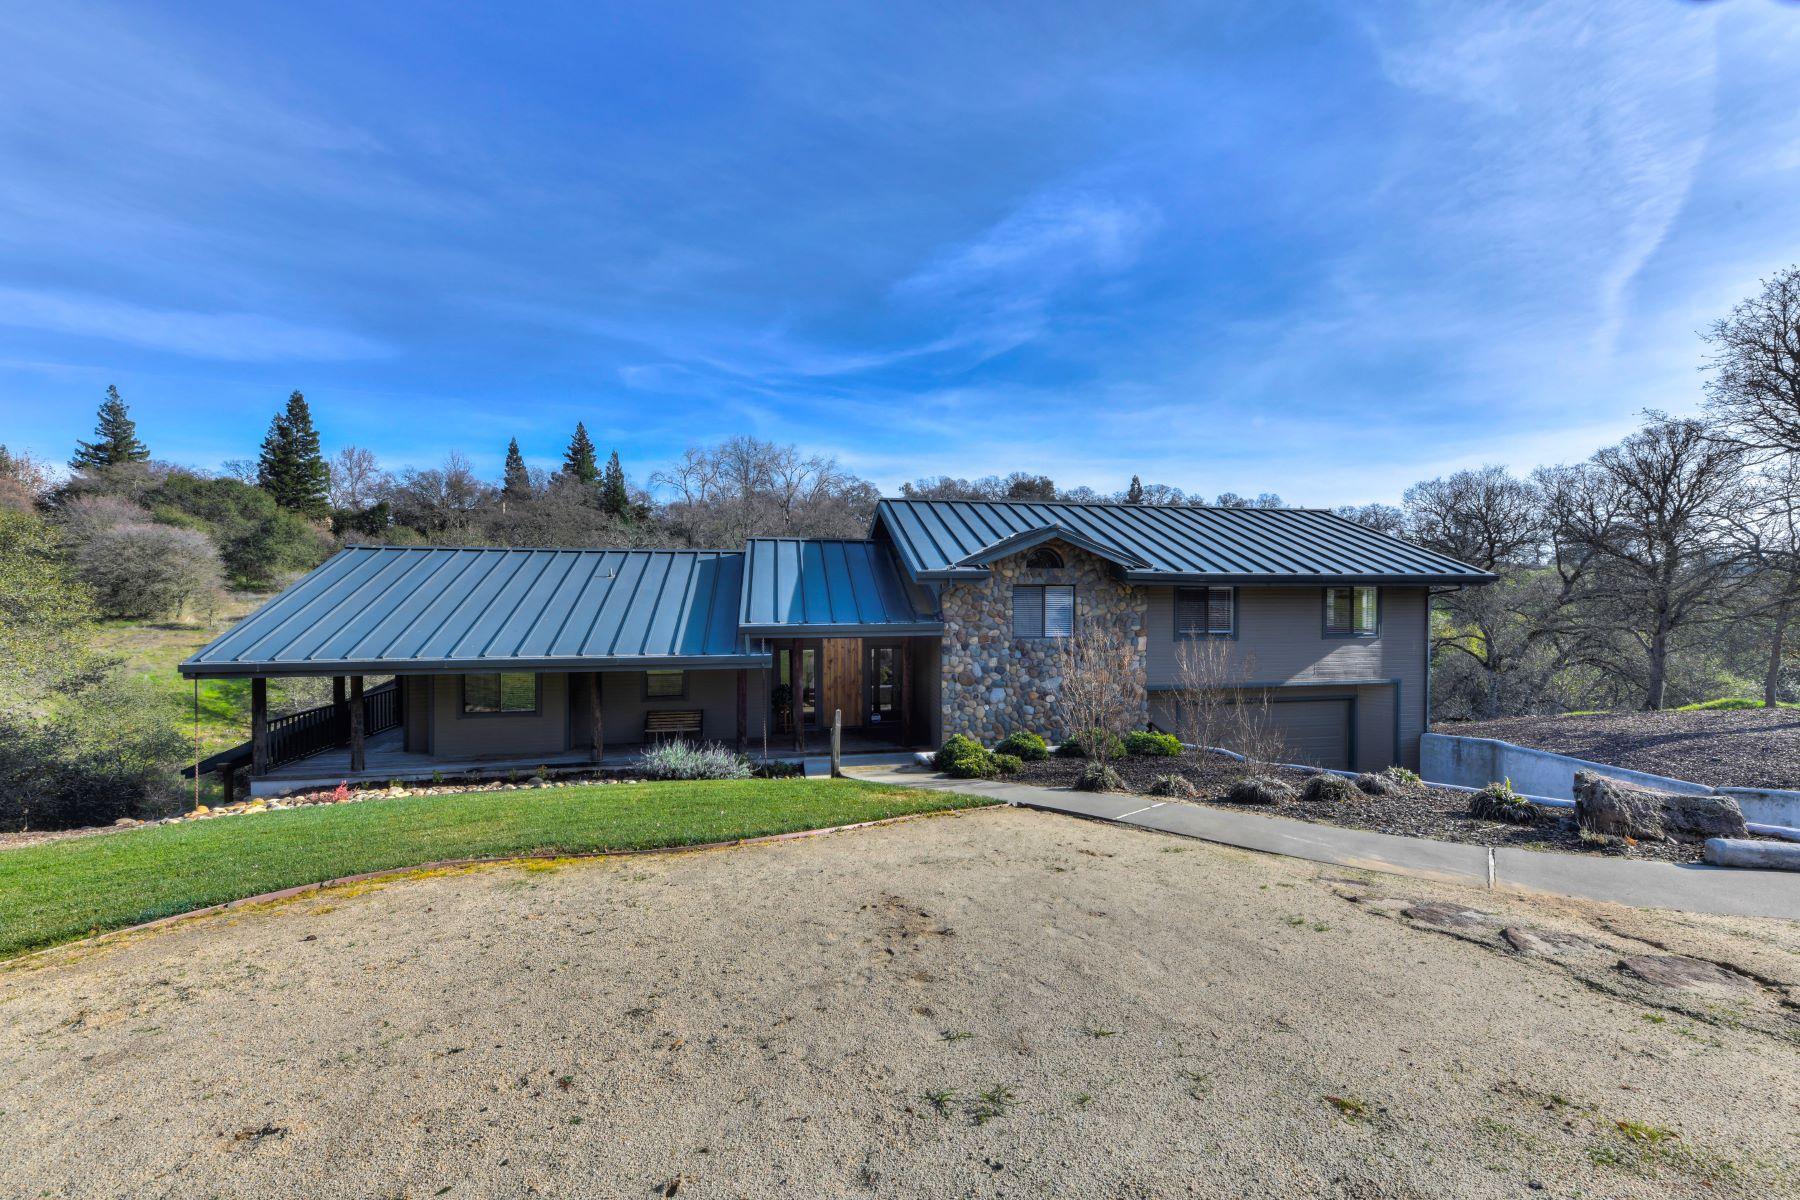 独户住宅 为 销售 在 130 Prospector Court, Folsom, CA 95630 130 Prospector Court Folsom, 加利福尼亚州 95630 美国